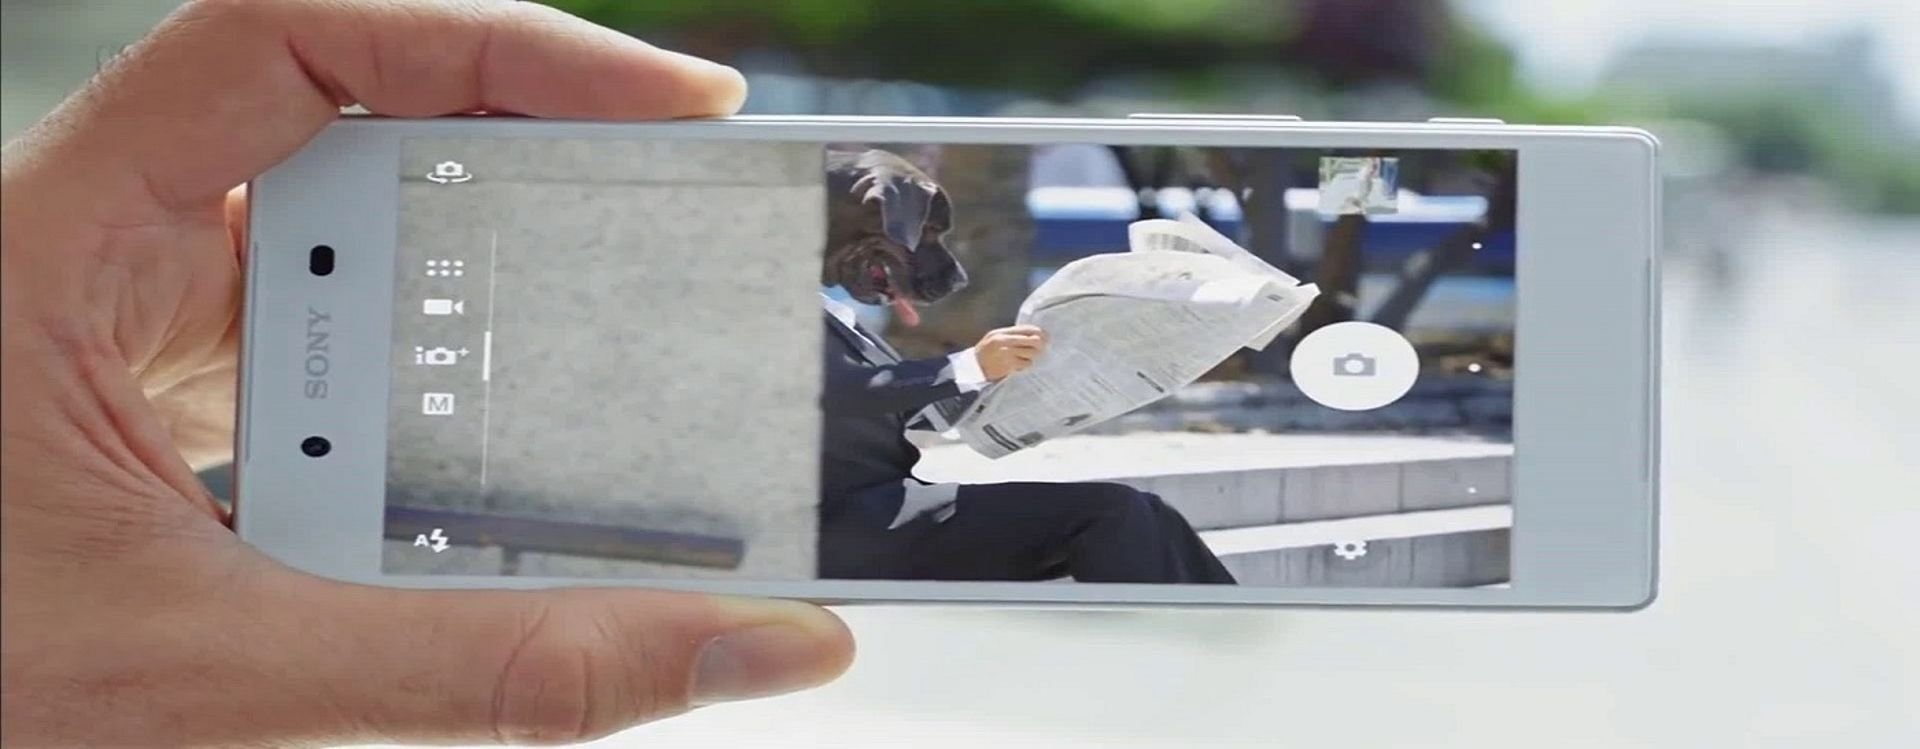 لنتعرف سويا على طرق تغيير إعدادات كاميرا الجوال الافتراضية لالتقاط صور بجودة أفضل